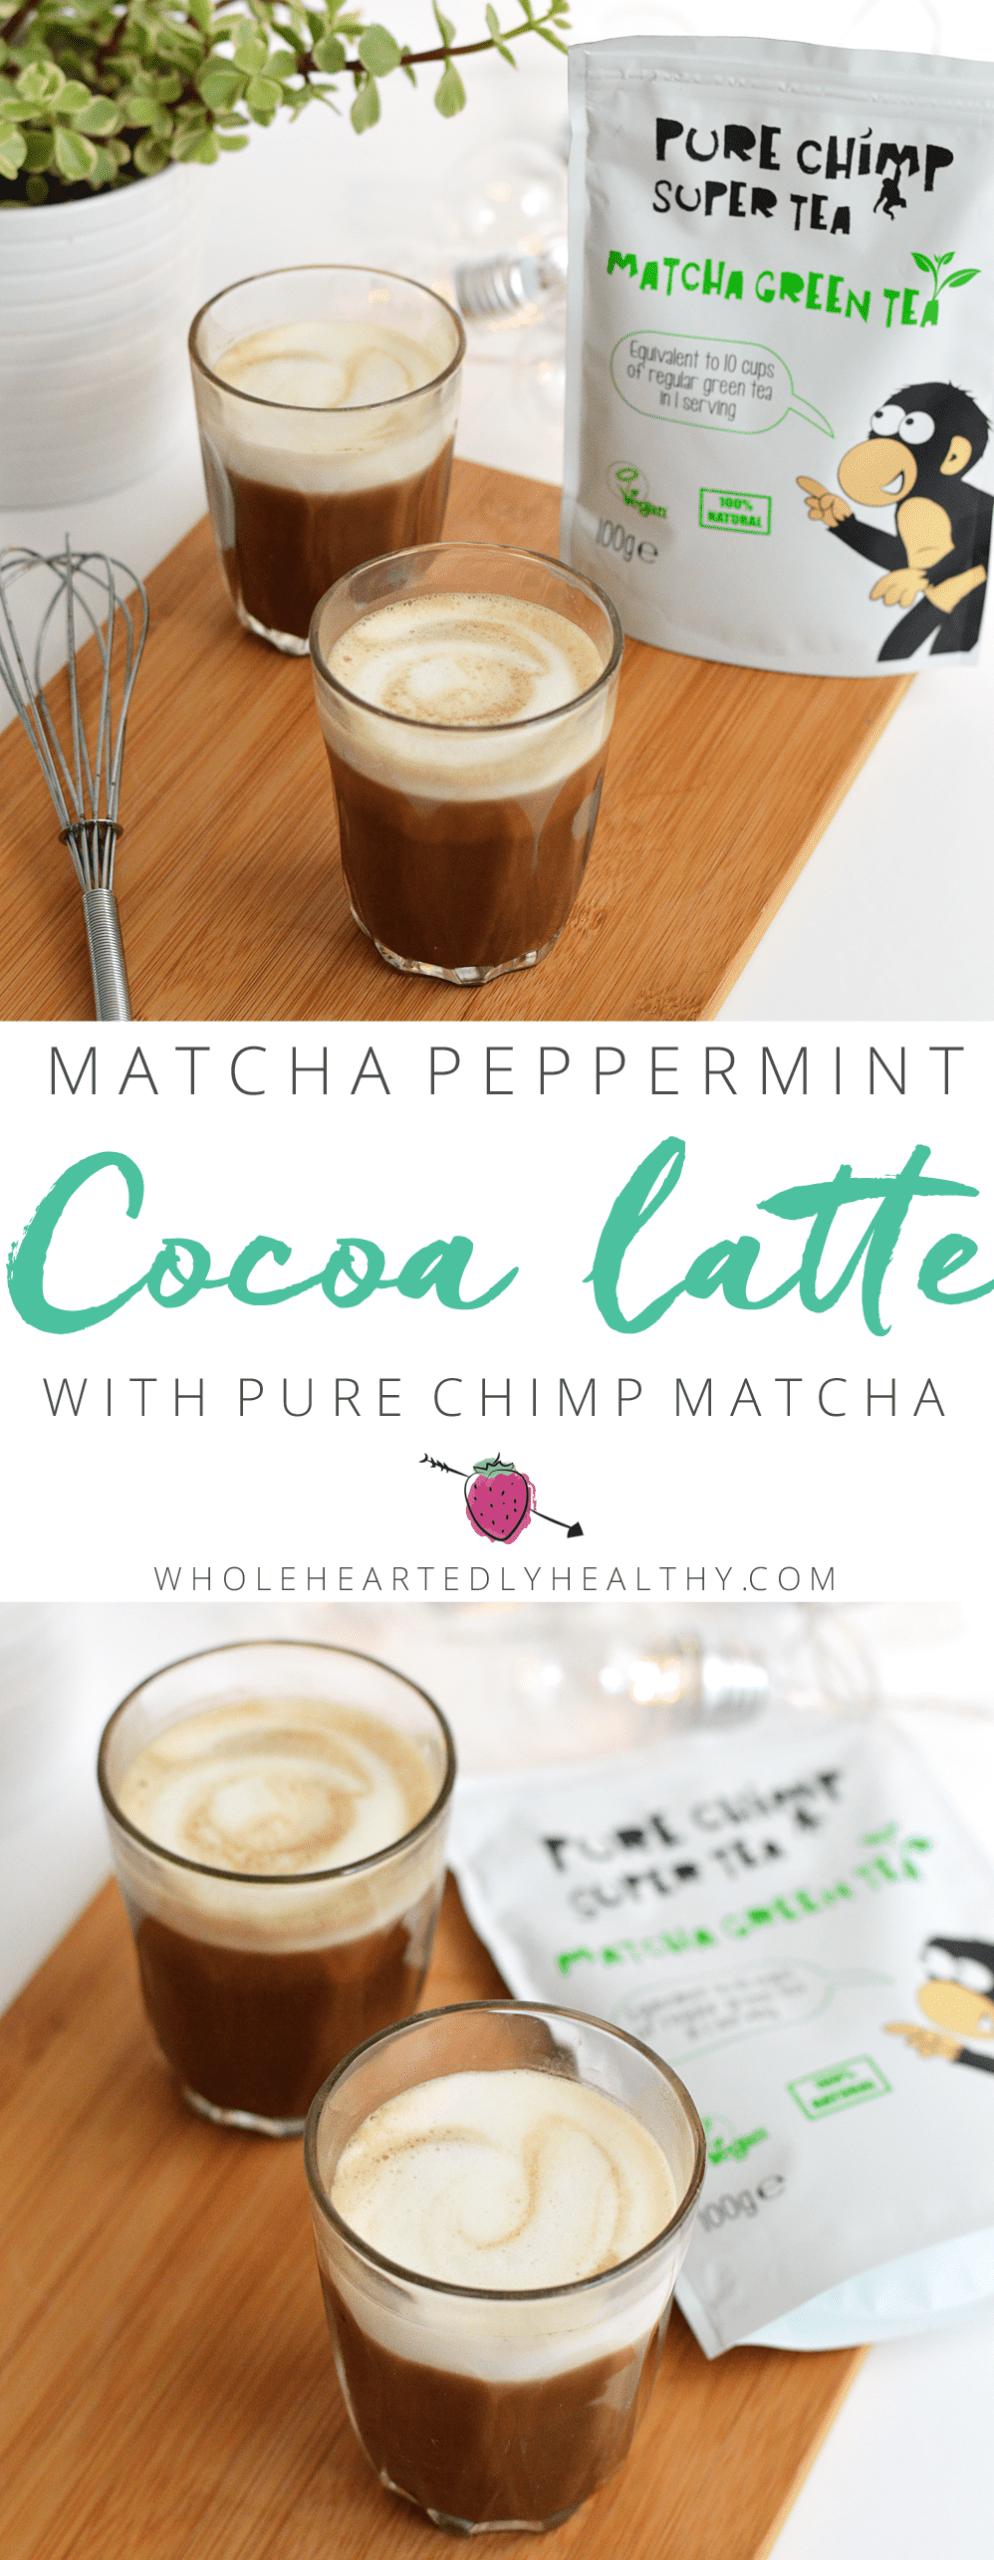 Matcha cocoa peppermint latte